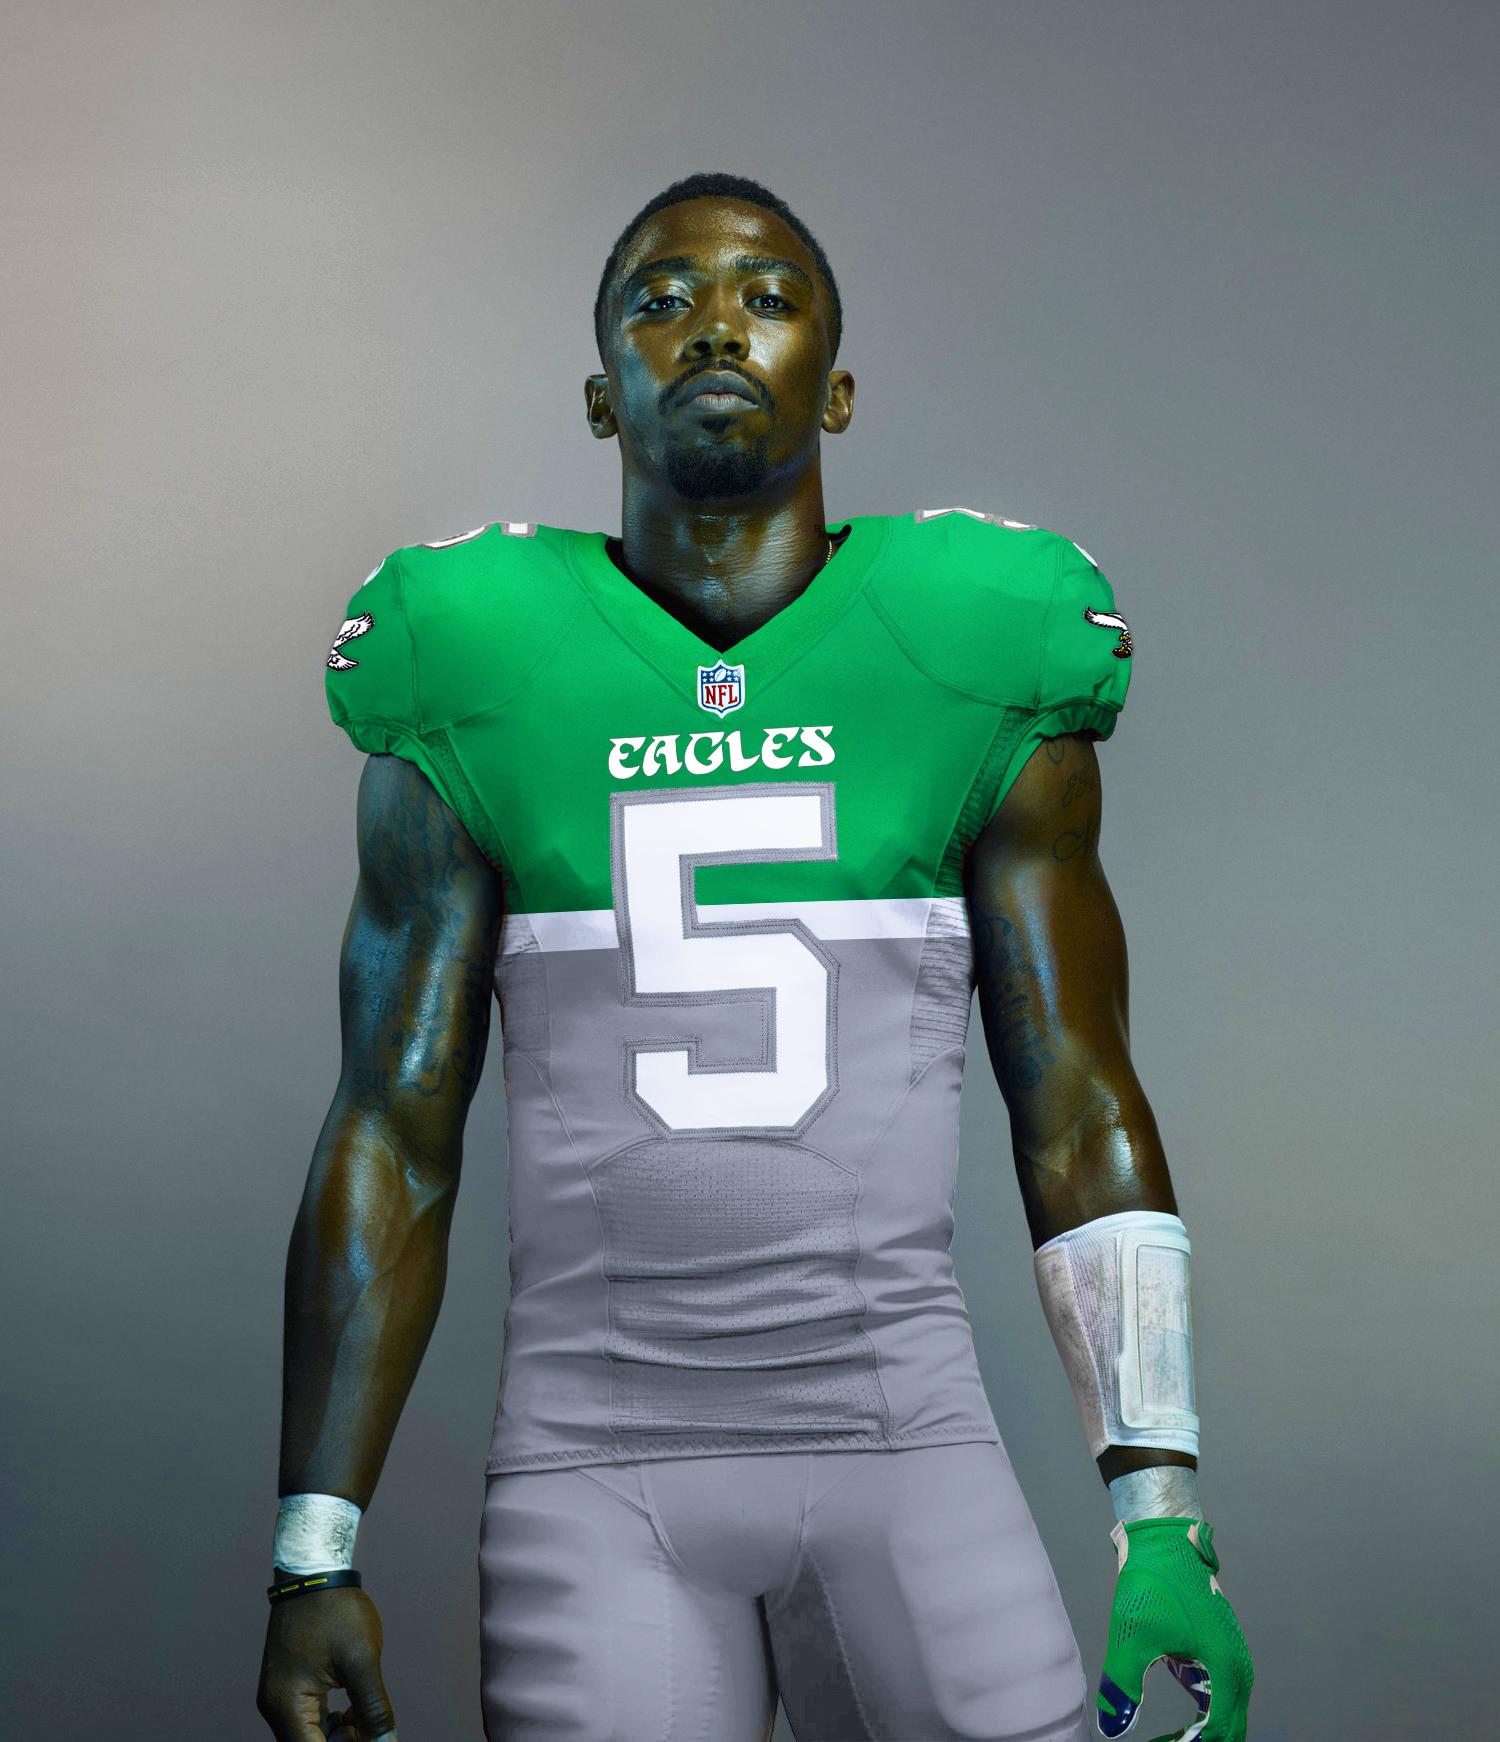 Concept Philadelphia Eagles Color Rush Uniform - Concepts - Chris ... 943991cb0